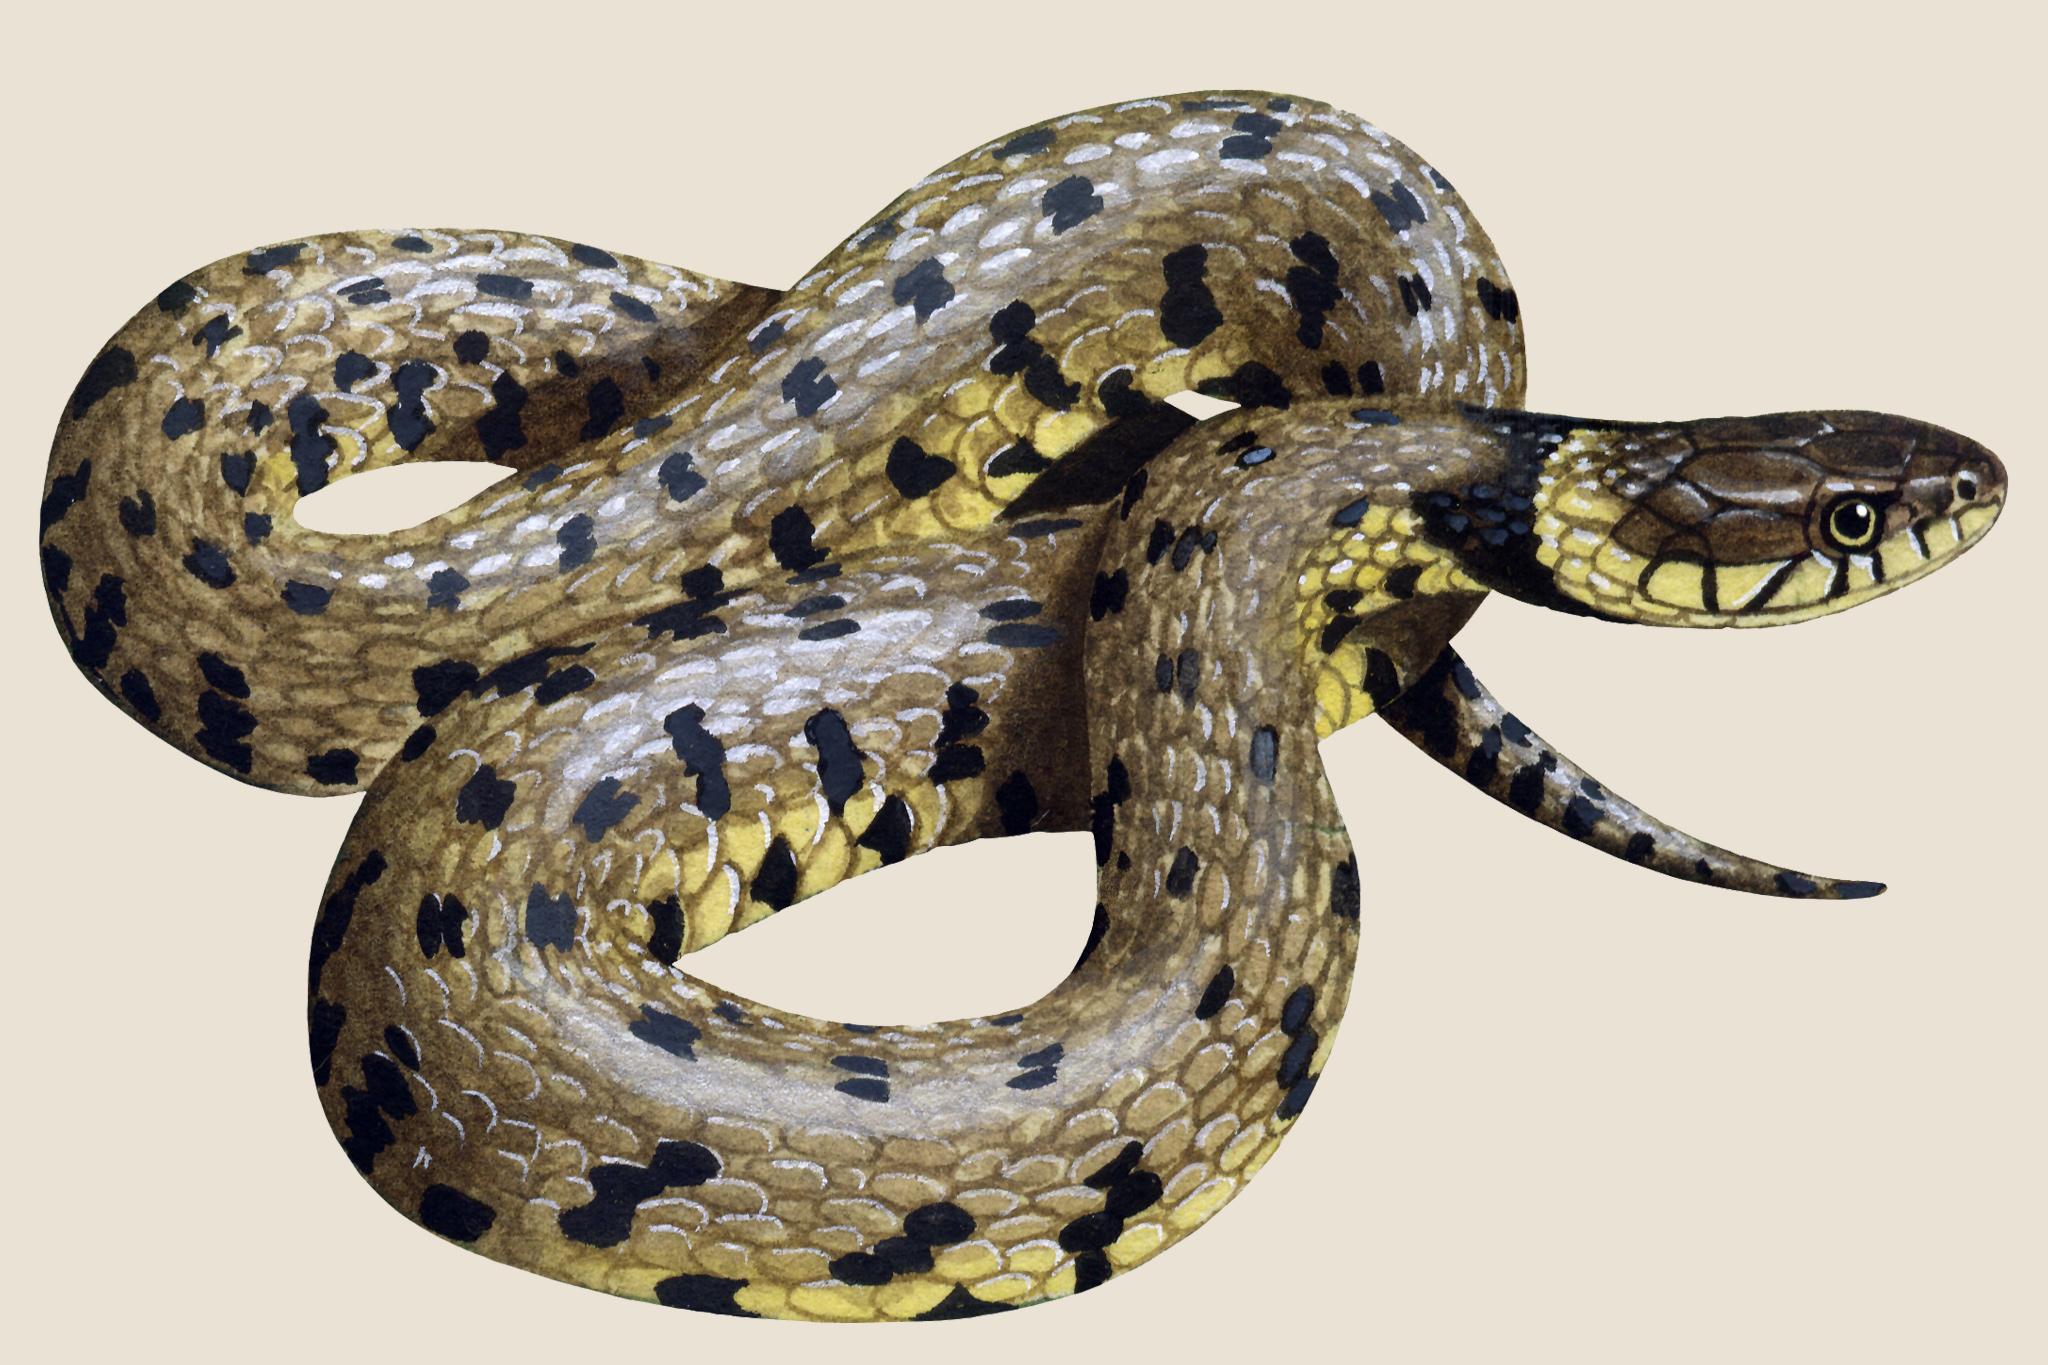 grass-snake-3